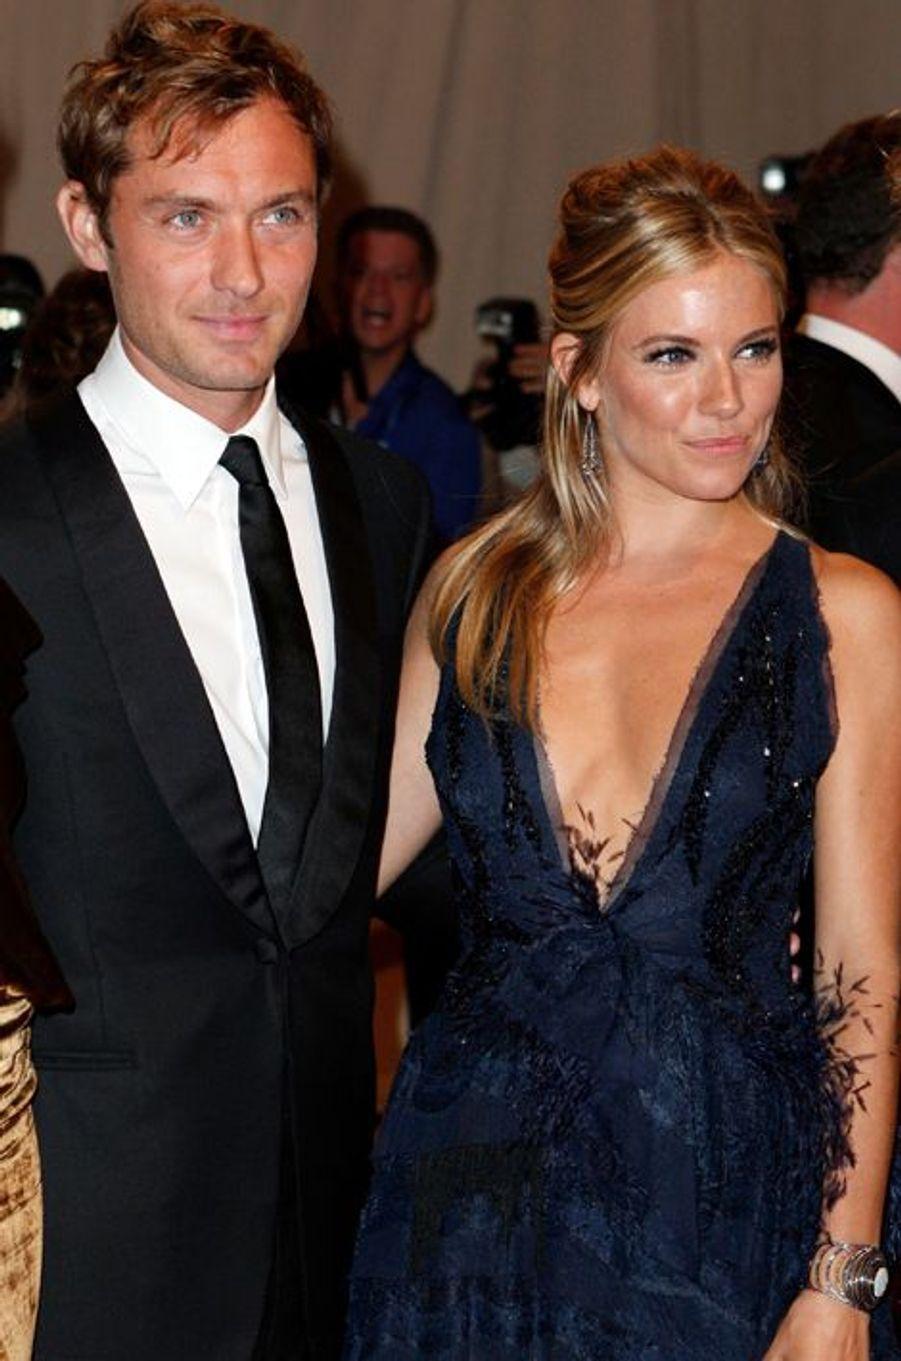 Jude Law et Sienna Miller s'étaient rencontrés en 2003 sur le tournage d'«Irresistible Alfie». Mais en 2005, l'acteur avoue avoir trompé sa belle avec la nounou de ses enfants. S'en suit une rupture médiatique, mais tous deux renouent en 2010... pour rompre à nouveau un an après. La nounou n'était, cette fois, pas impliquée.